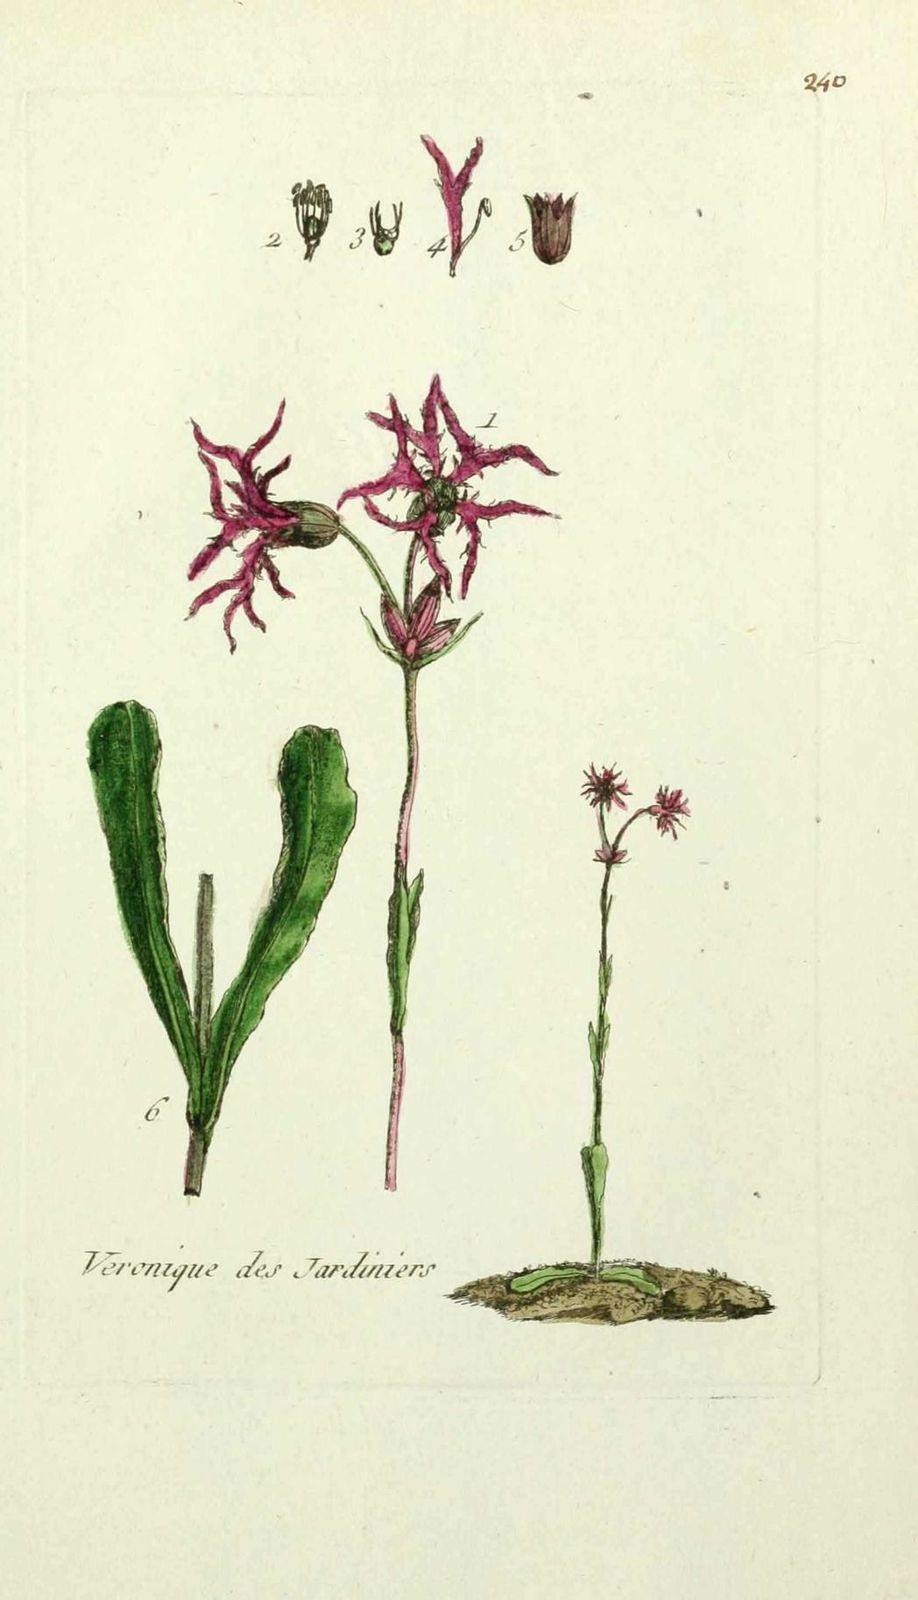 lychnis fleur de coucou - lychnis flos cuculi ( lychnis des